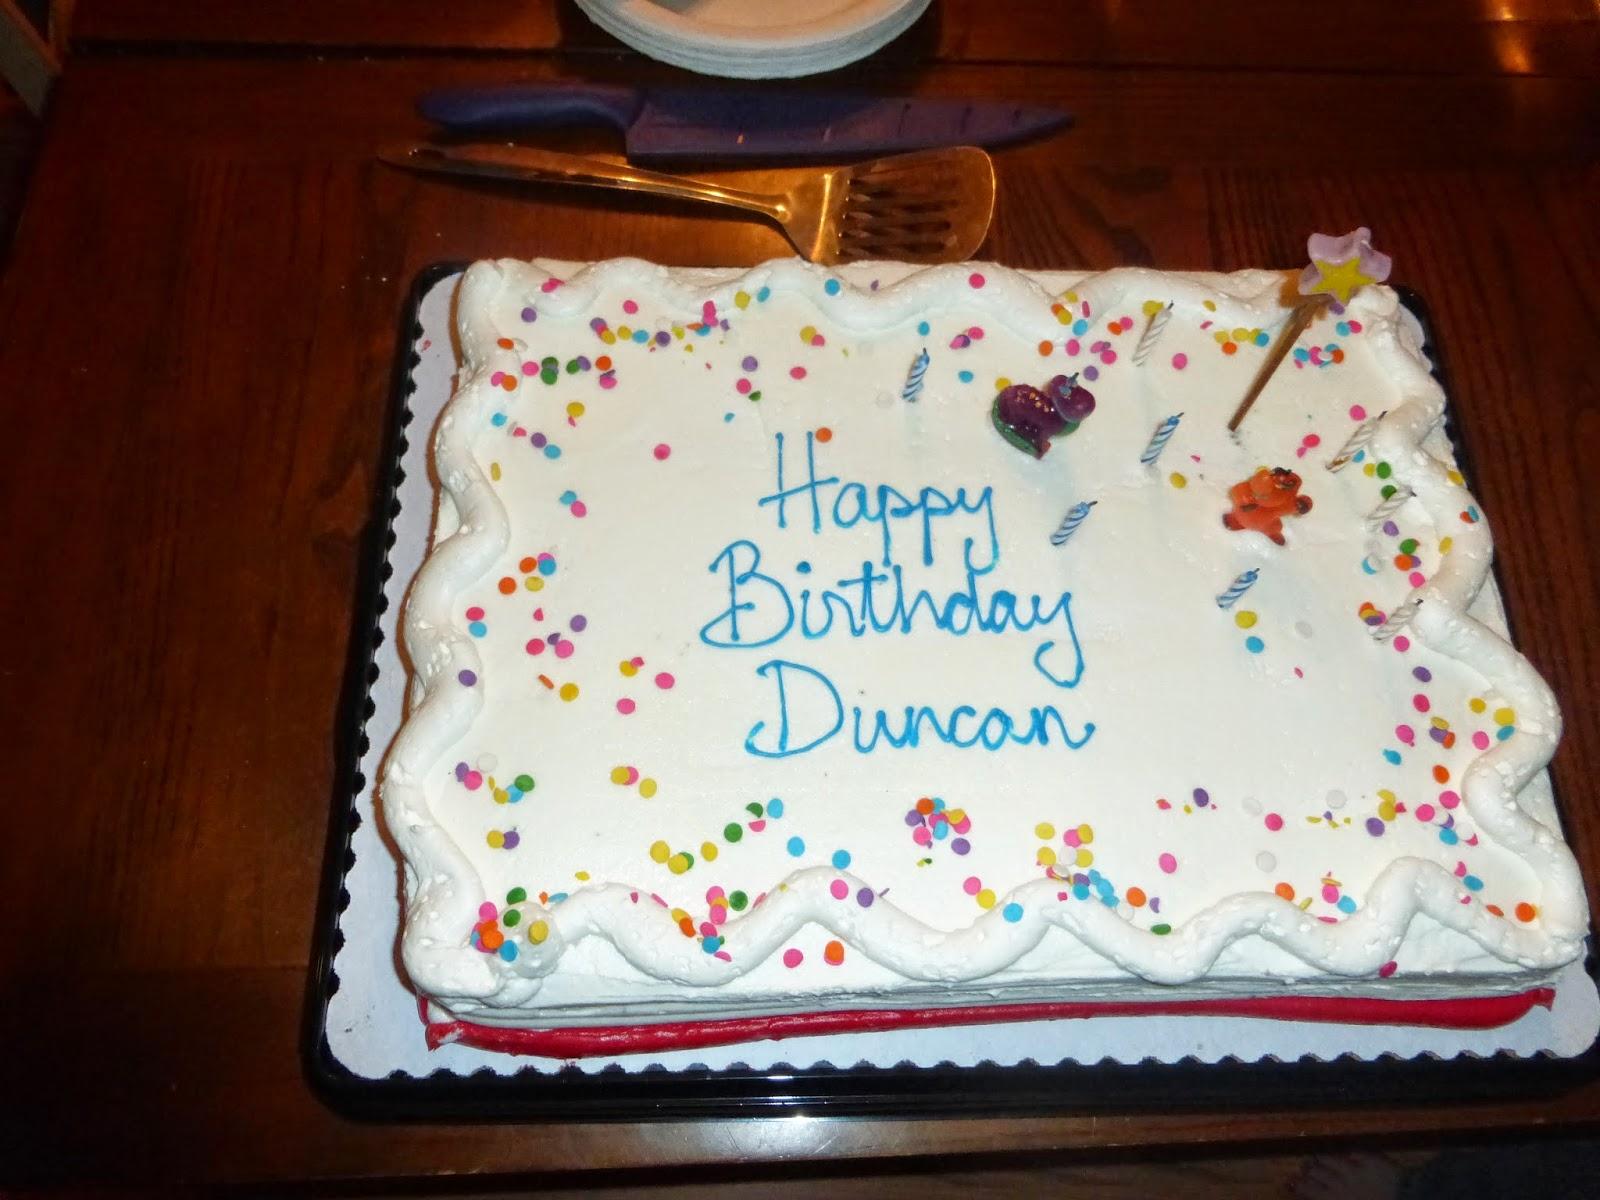 Happy Birthday Devon Cake